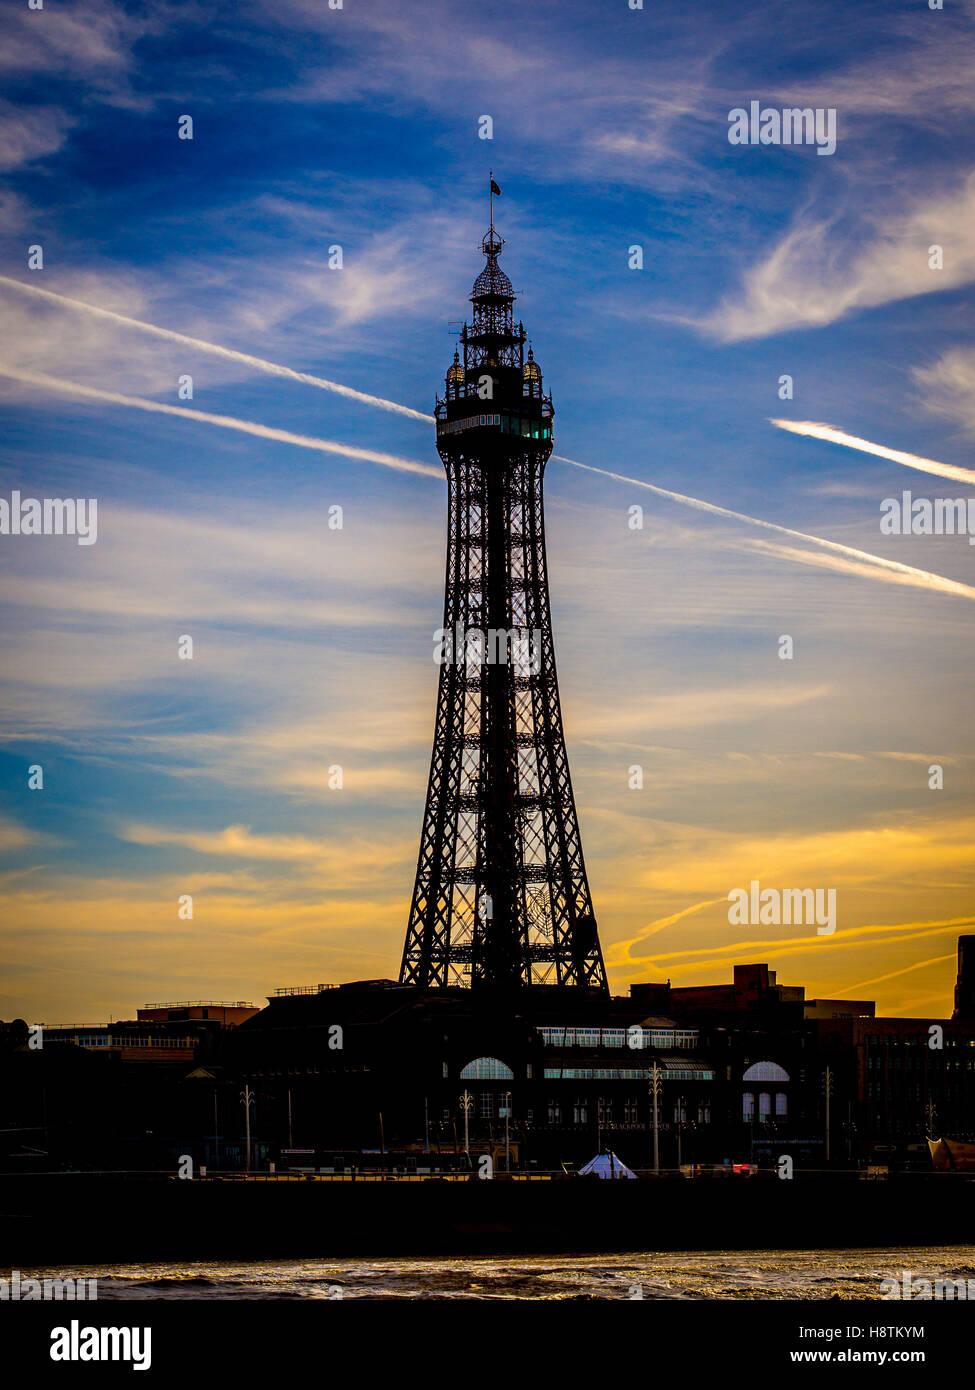 La Blackpool Tower stagliano contro la luce del sole di mattina, Blackpool, Lancashire, Regno Unito. Immagini Stock